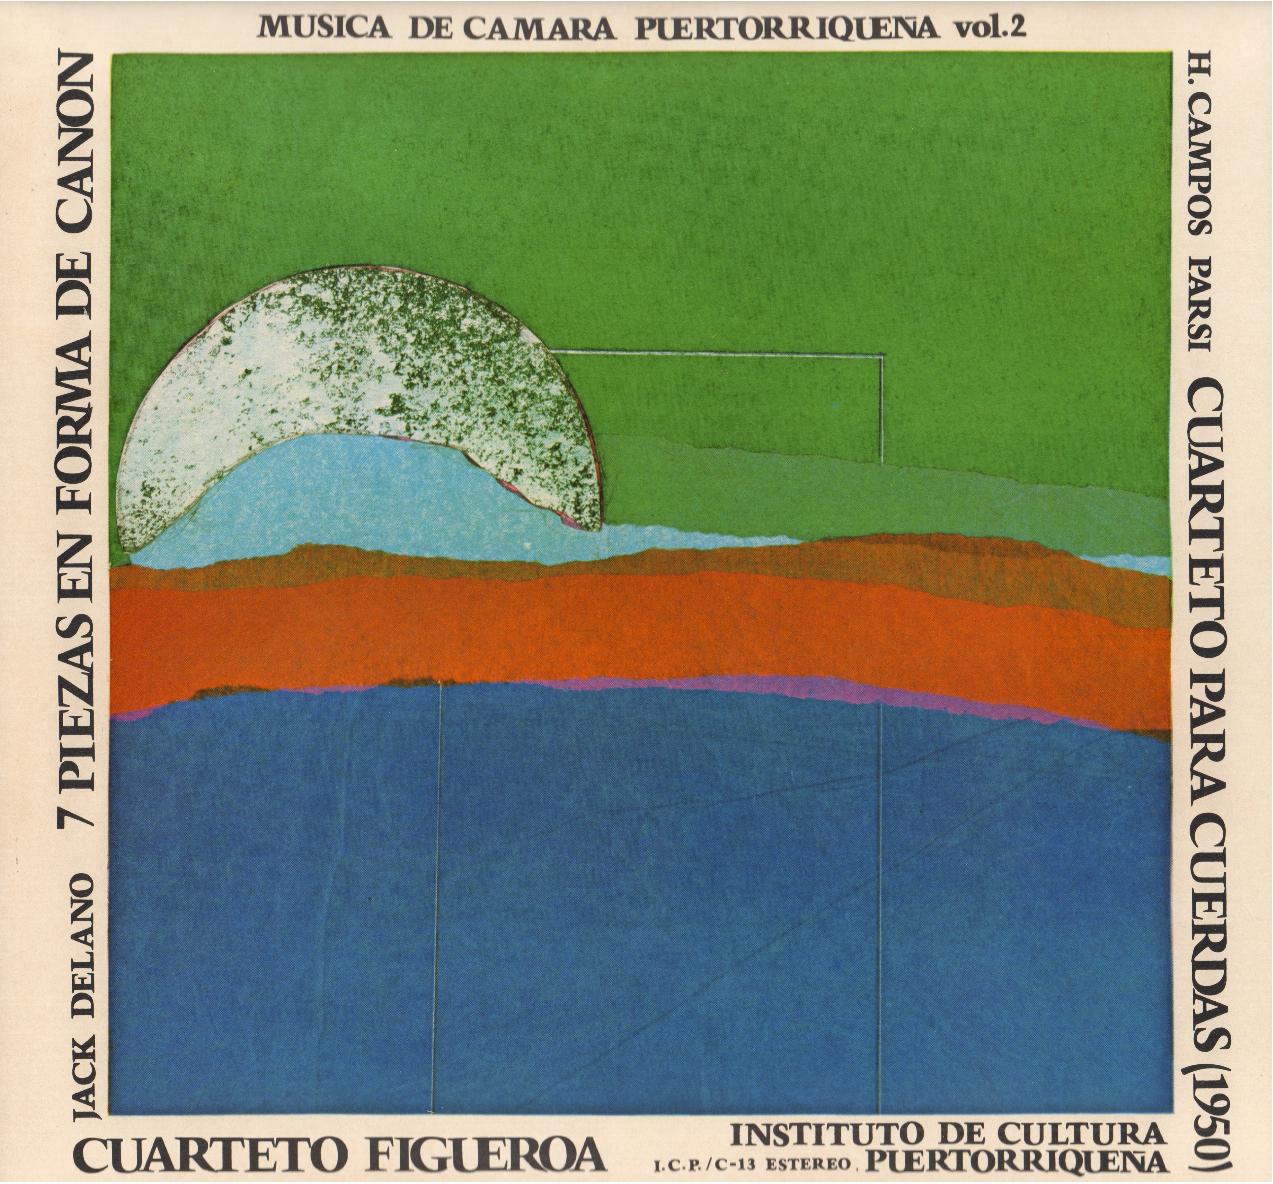 Música de Cámara Puertorriqueña Vol. 2